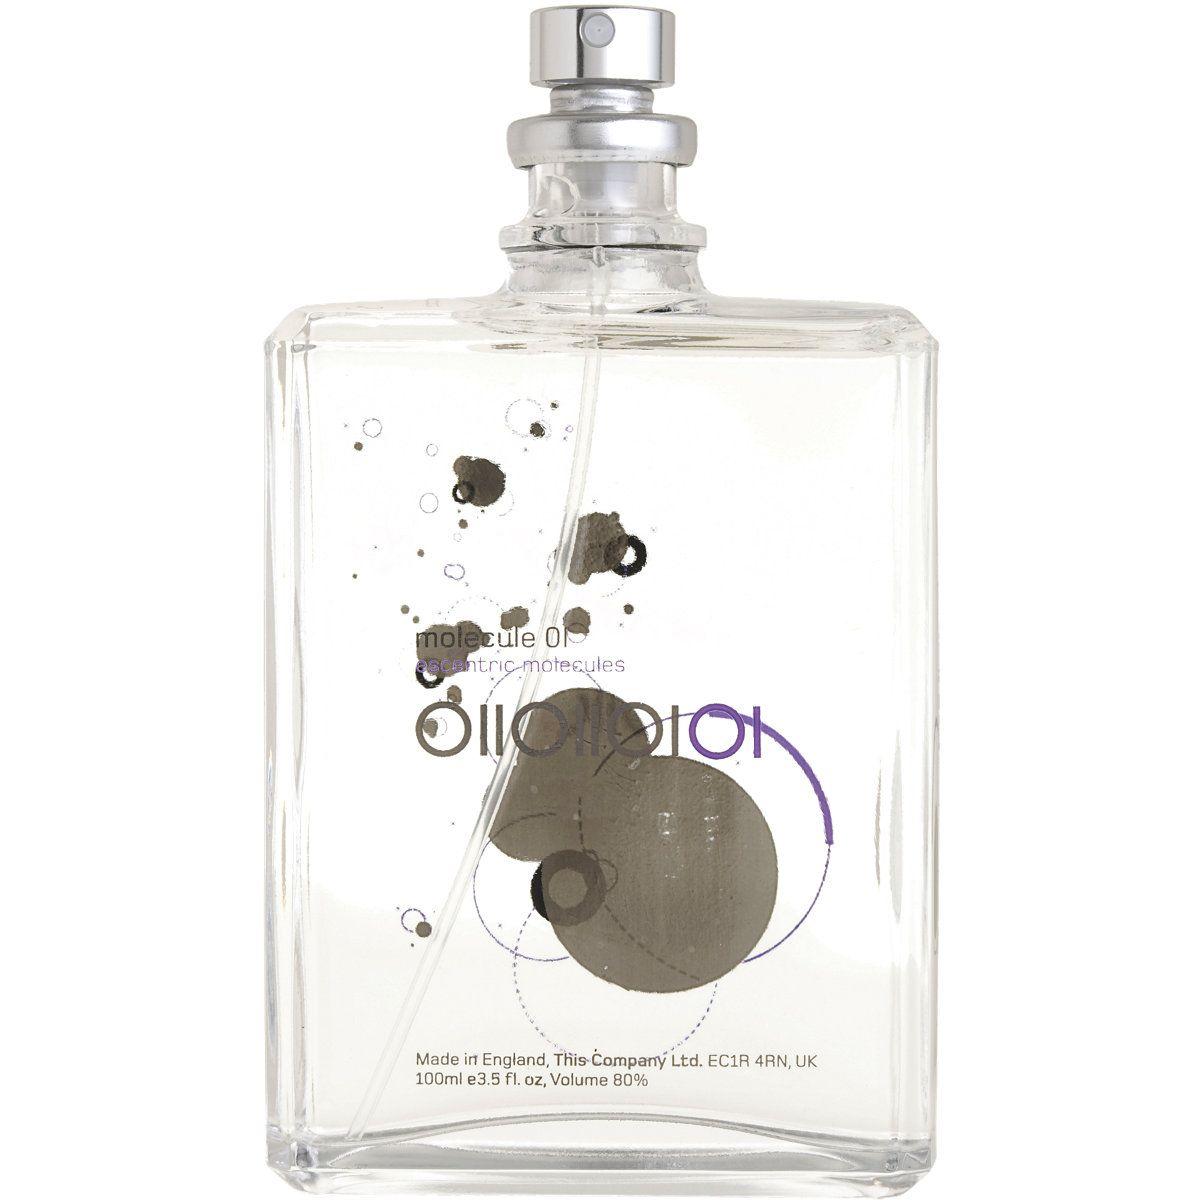 Escentric Molecules Molecule 01 perfume: description, reviews, photos 14